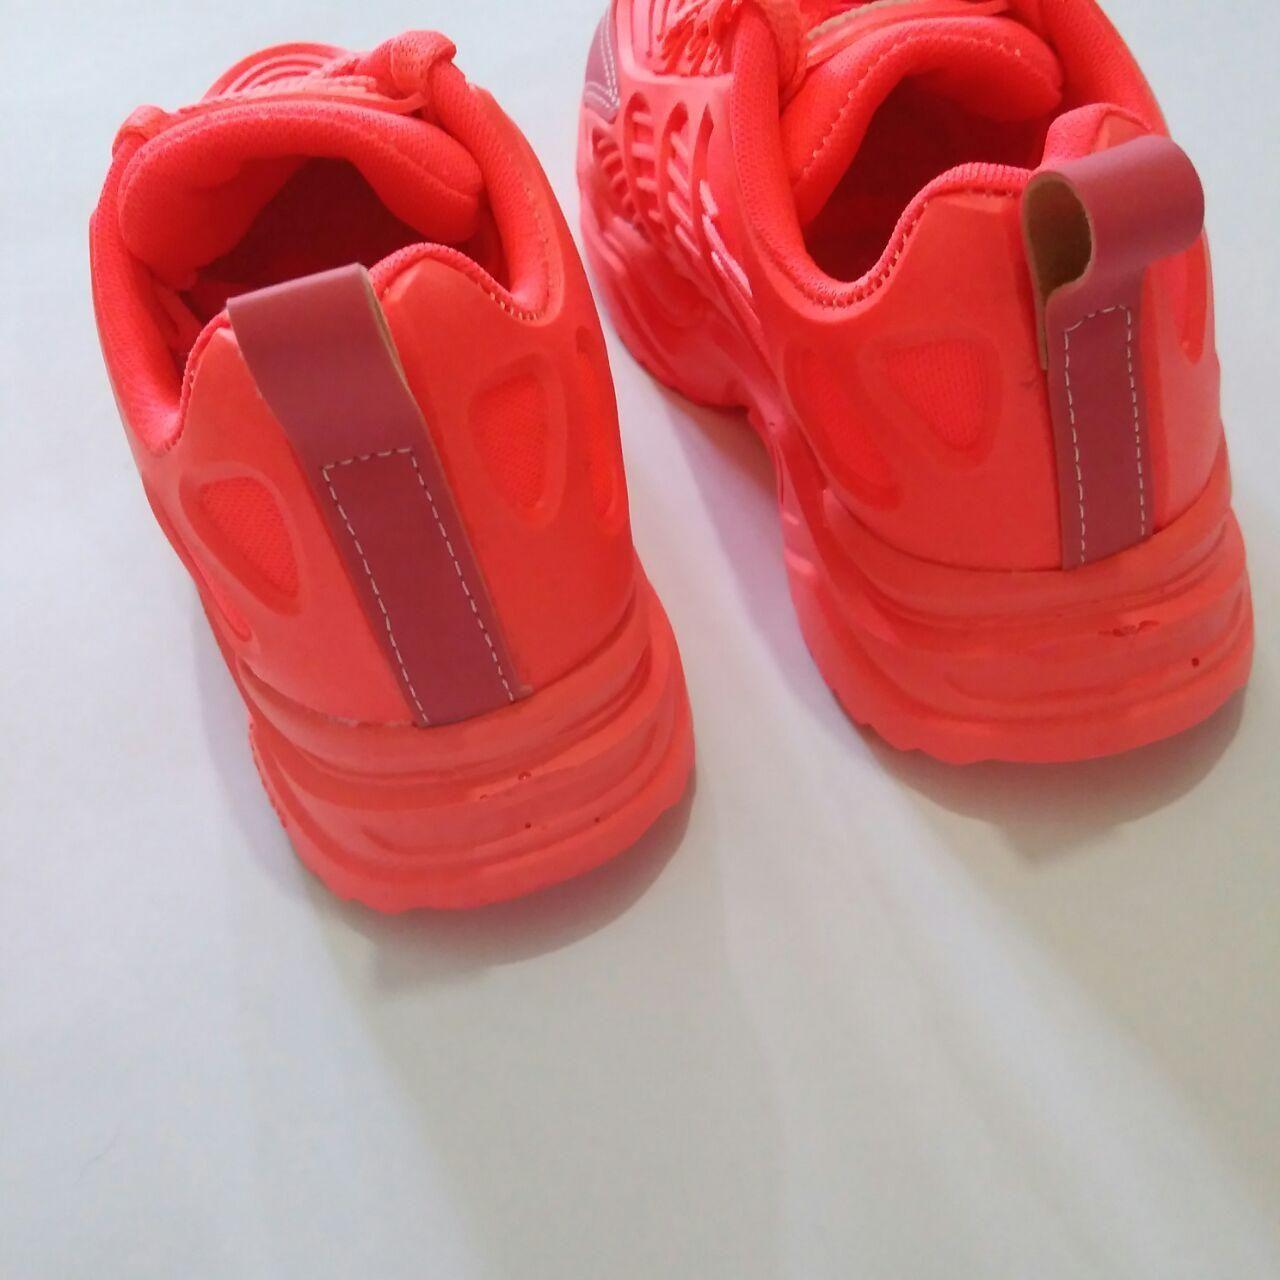 کفش پیاده روی دخترانه کد 3001 -  - 5